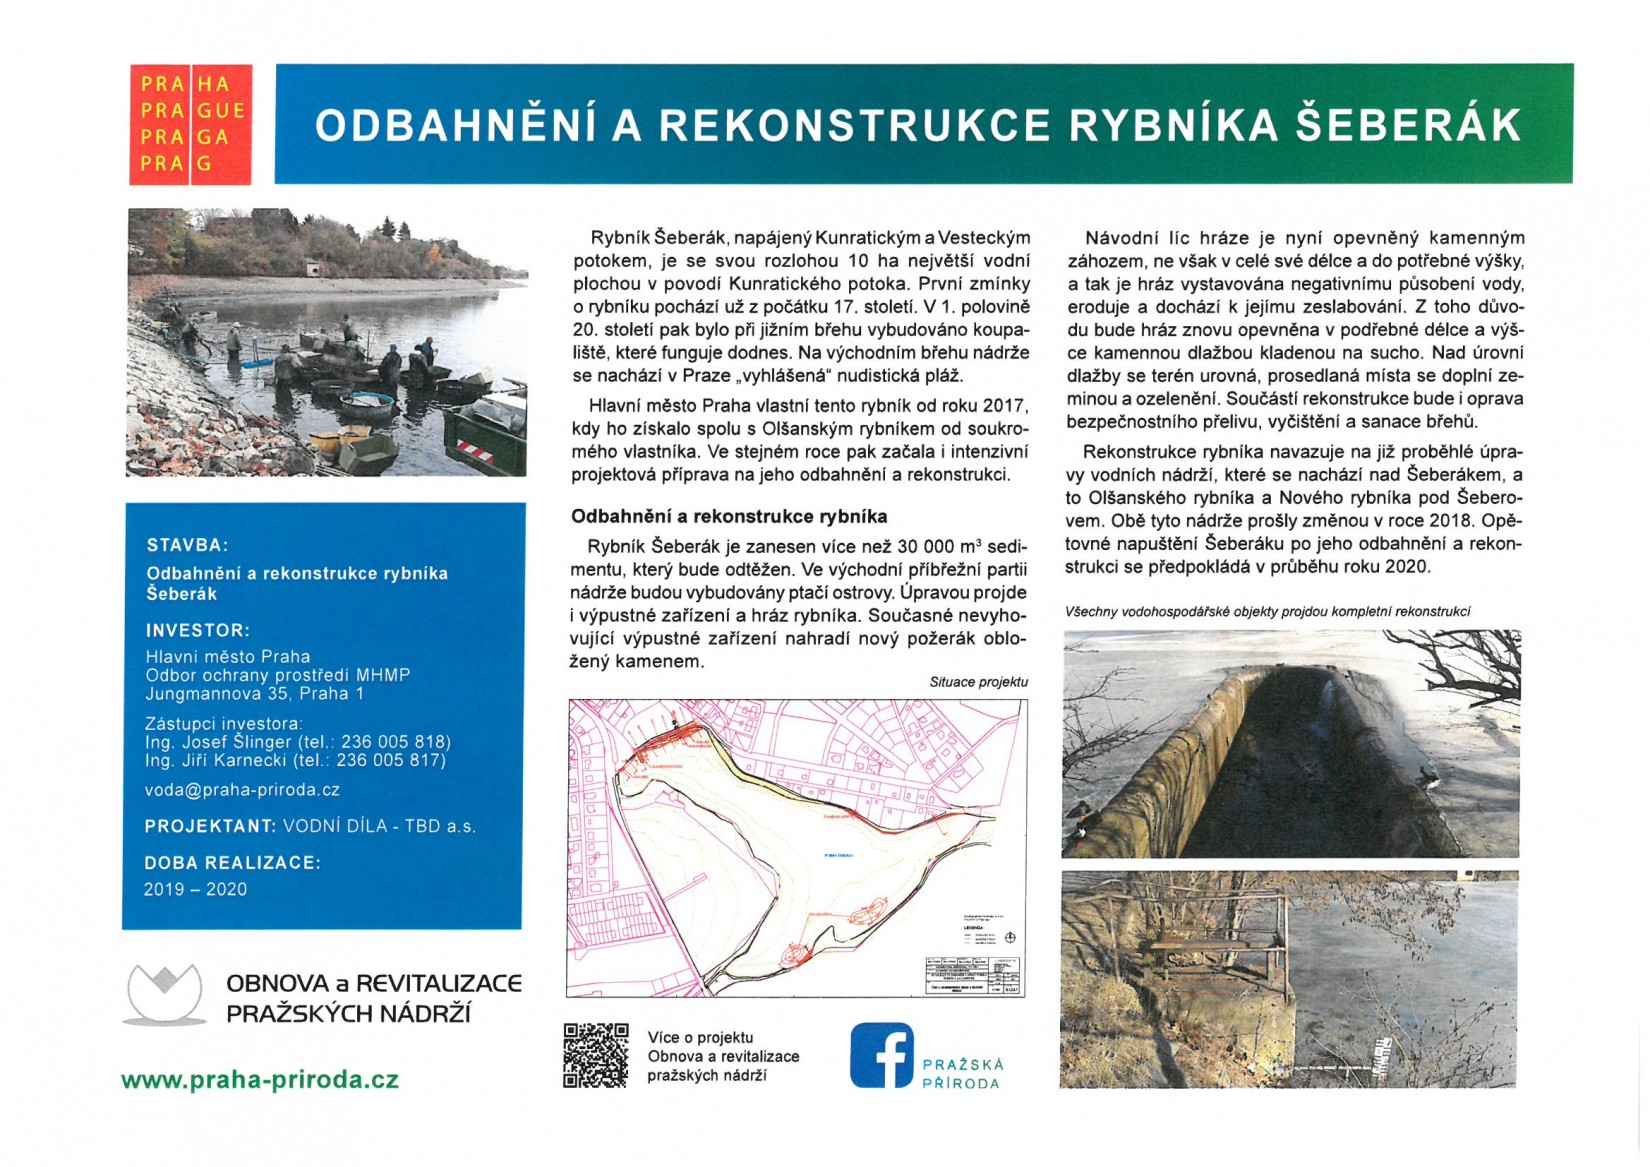 Odbahnění a rekonstrukce rybníka Šeberák